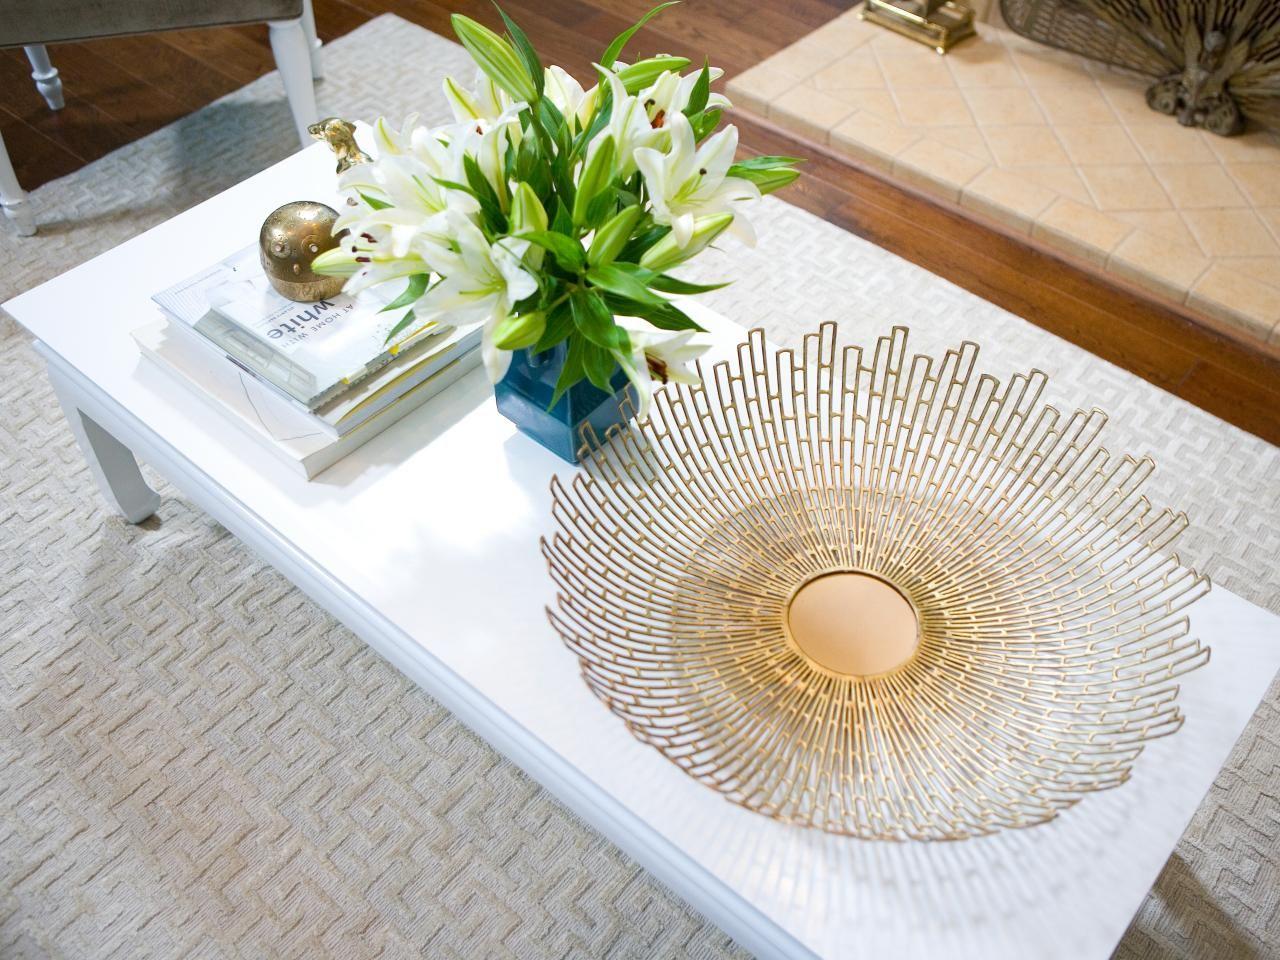 Home interior design accessories add midcentury modern style to your home  midcentury modern hgtv